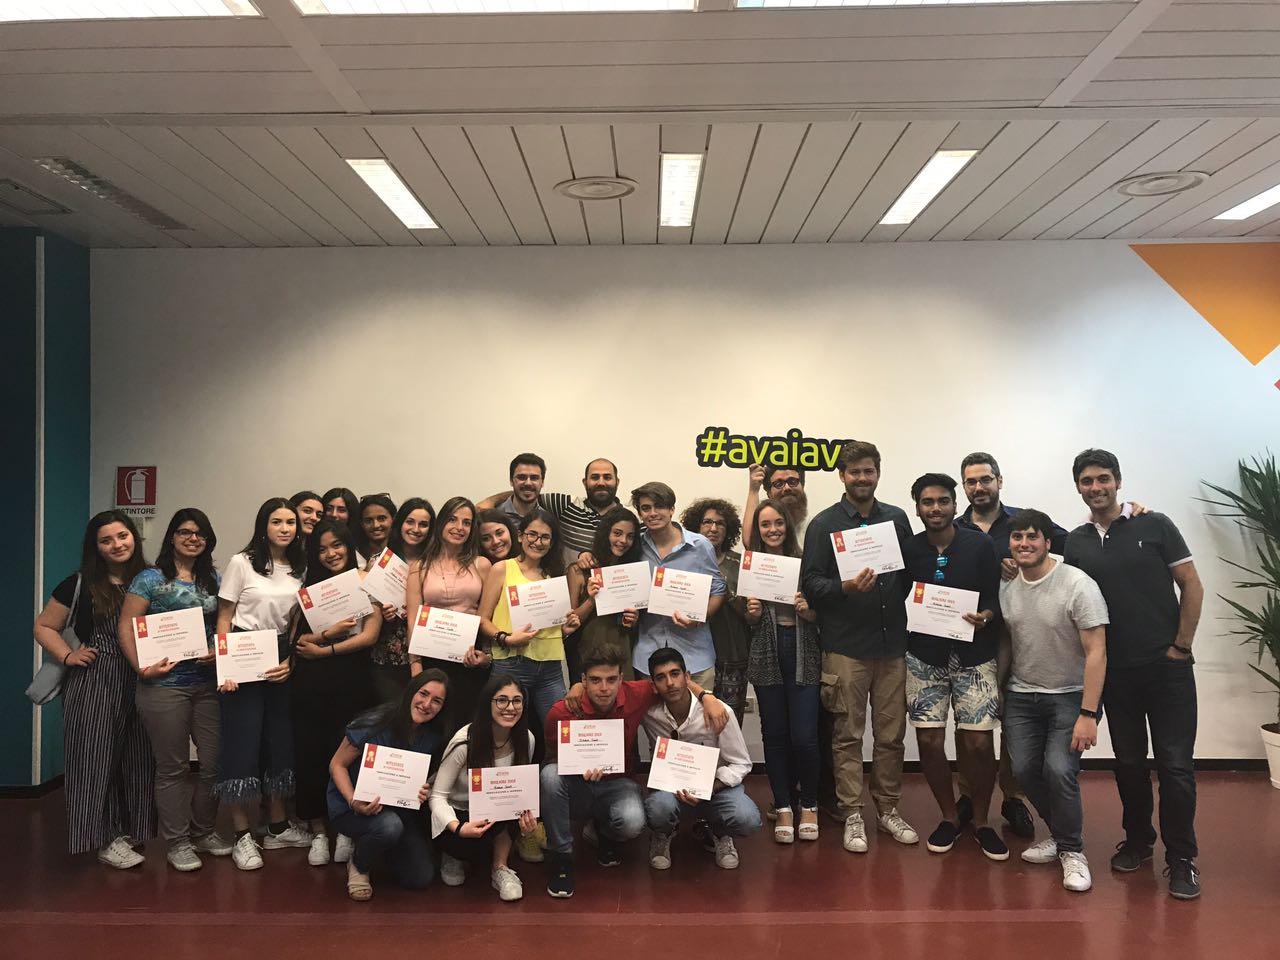 Foto gruppo Alternanza Scuola Lavoro